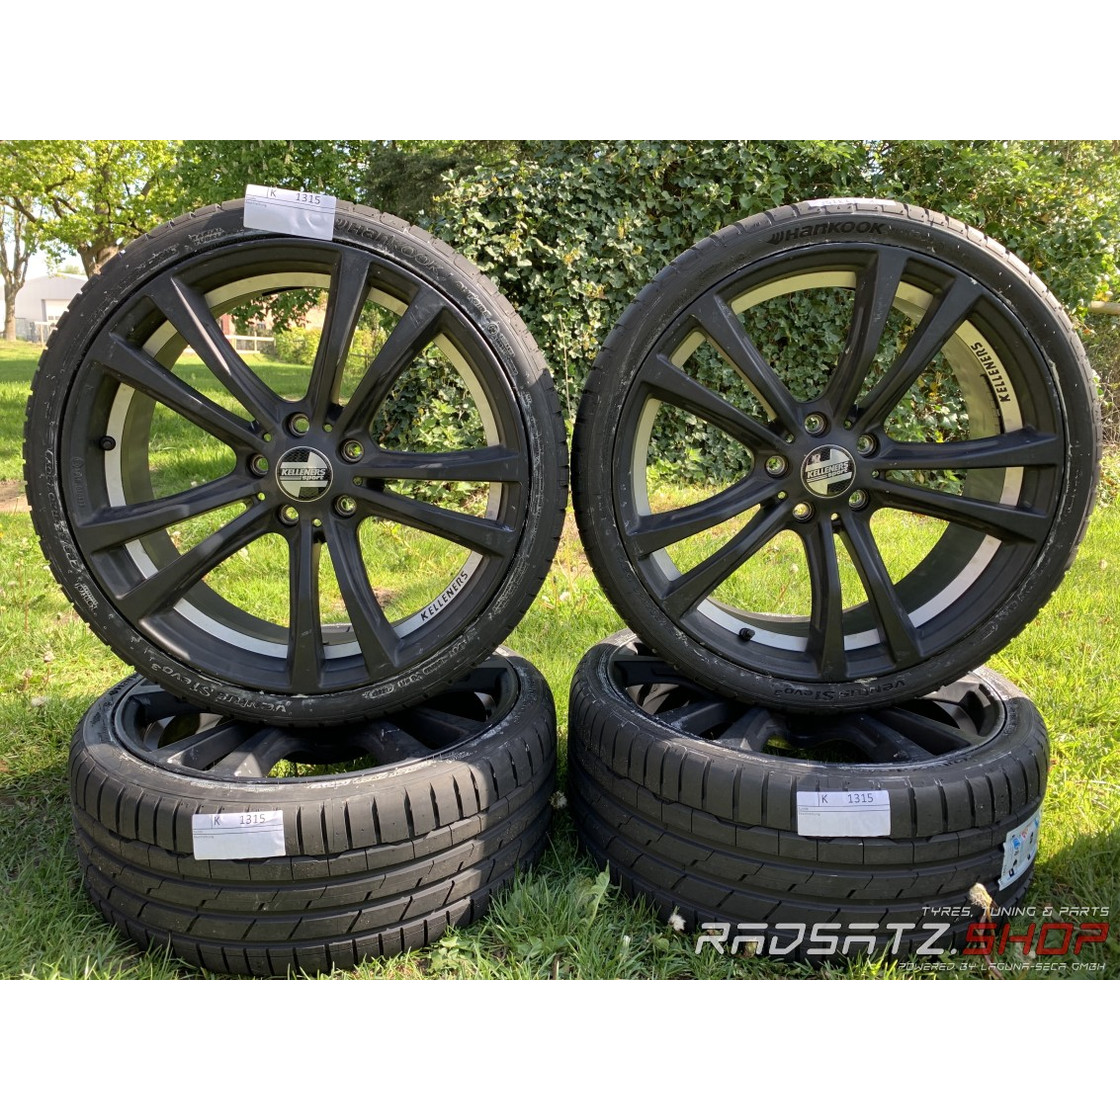 Kelleners Sport Munchen 20 Zoll Sommer Reifen Felgen Bmw X3 F25 X4 F2 1 999 00